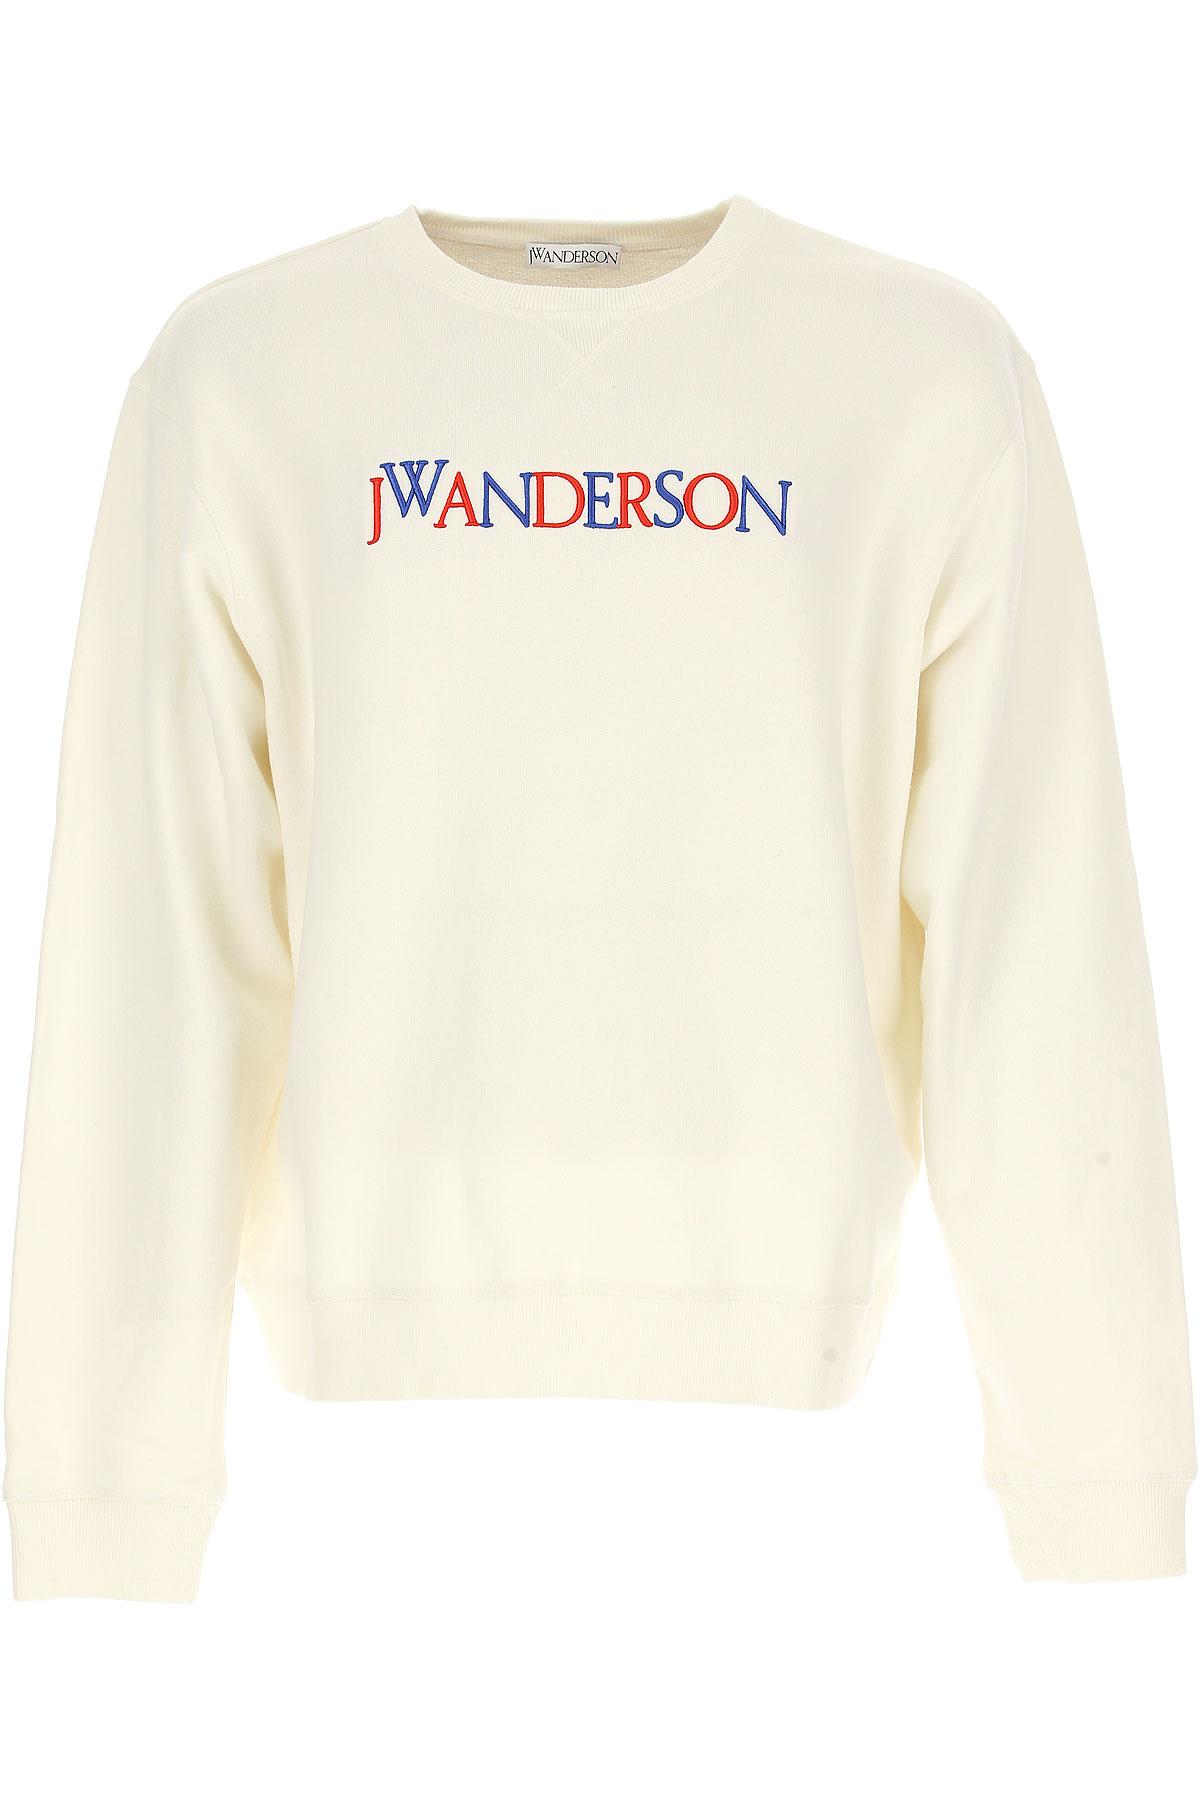 J.W.Anderson Sweatshirt for Men, White, Cotton, 2017, L M USA-468331